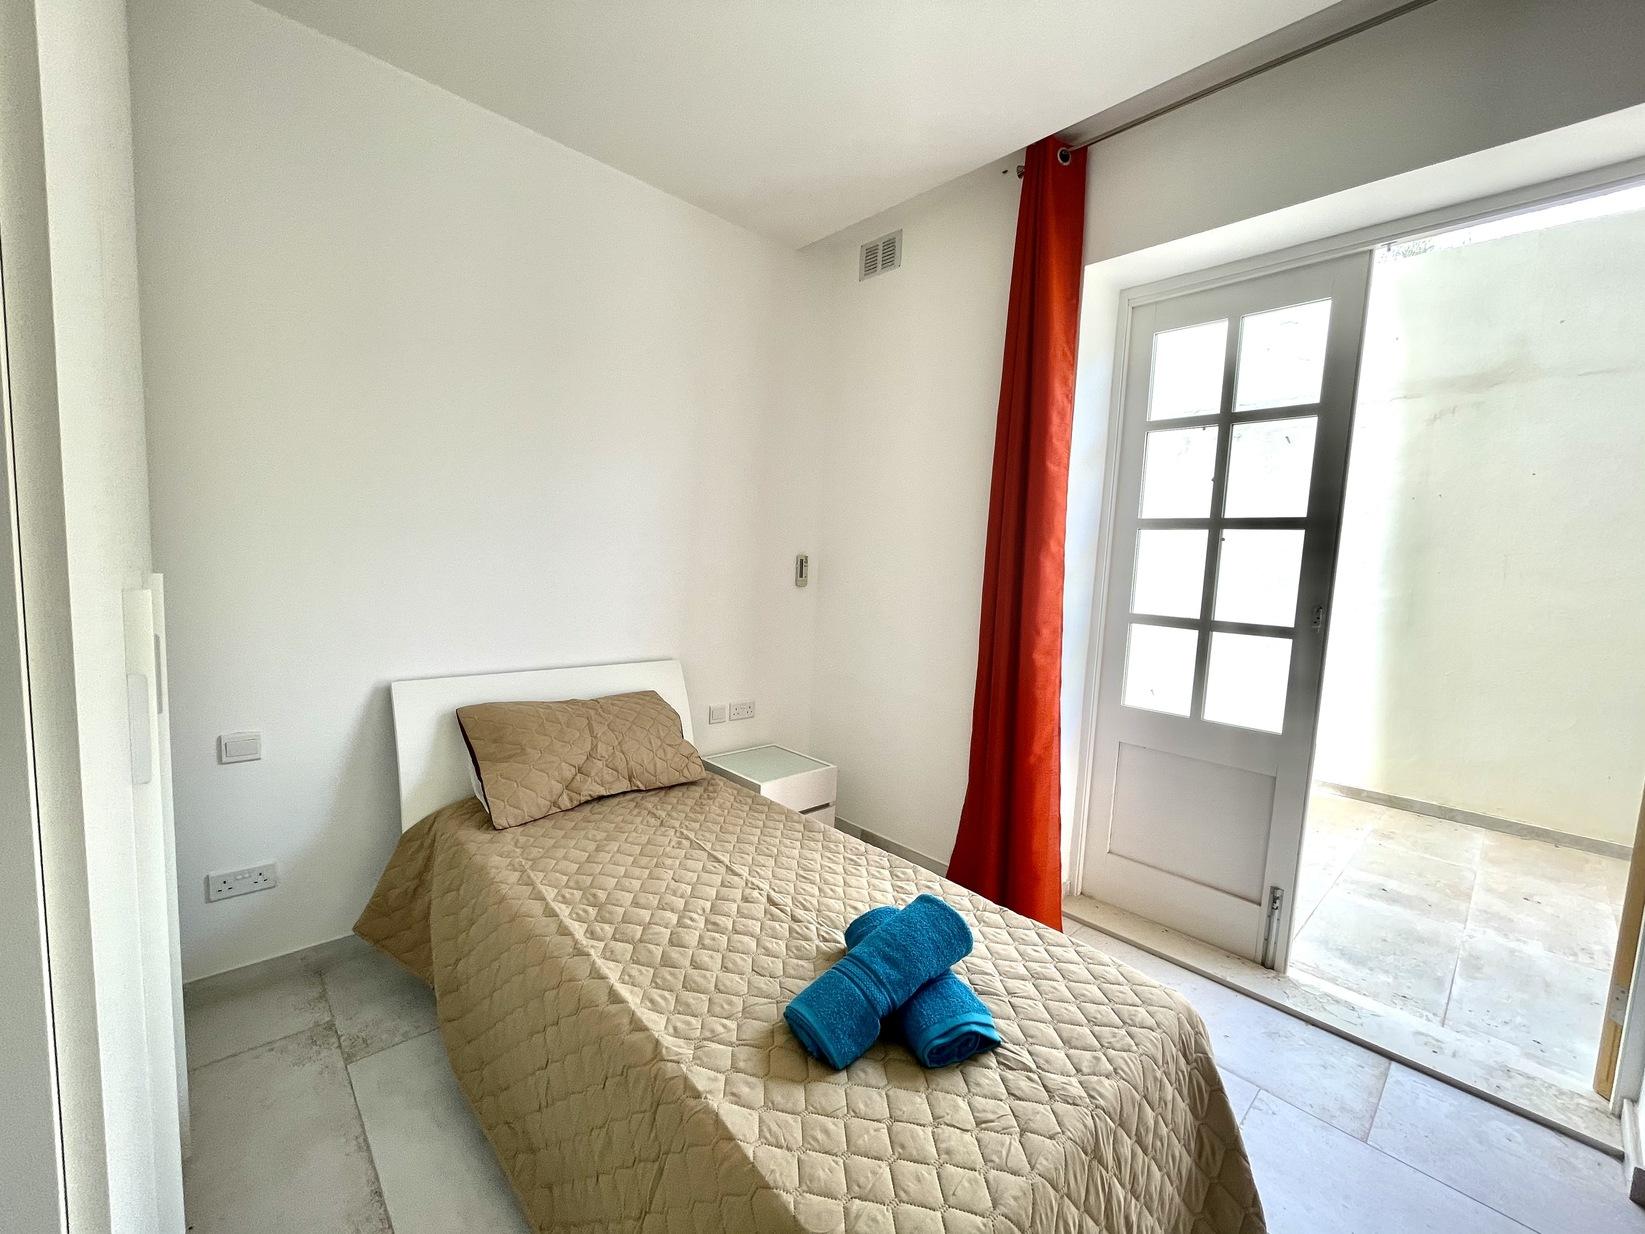 3 bed Apartment For Rent in Kalkara, Kalkara - thumb 12